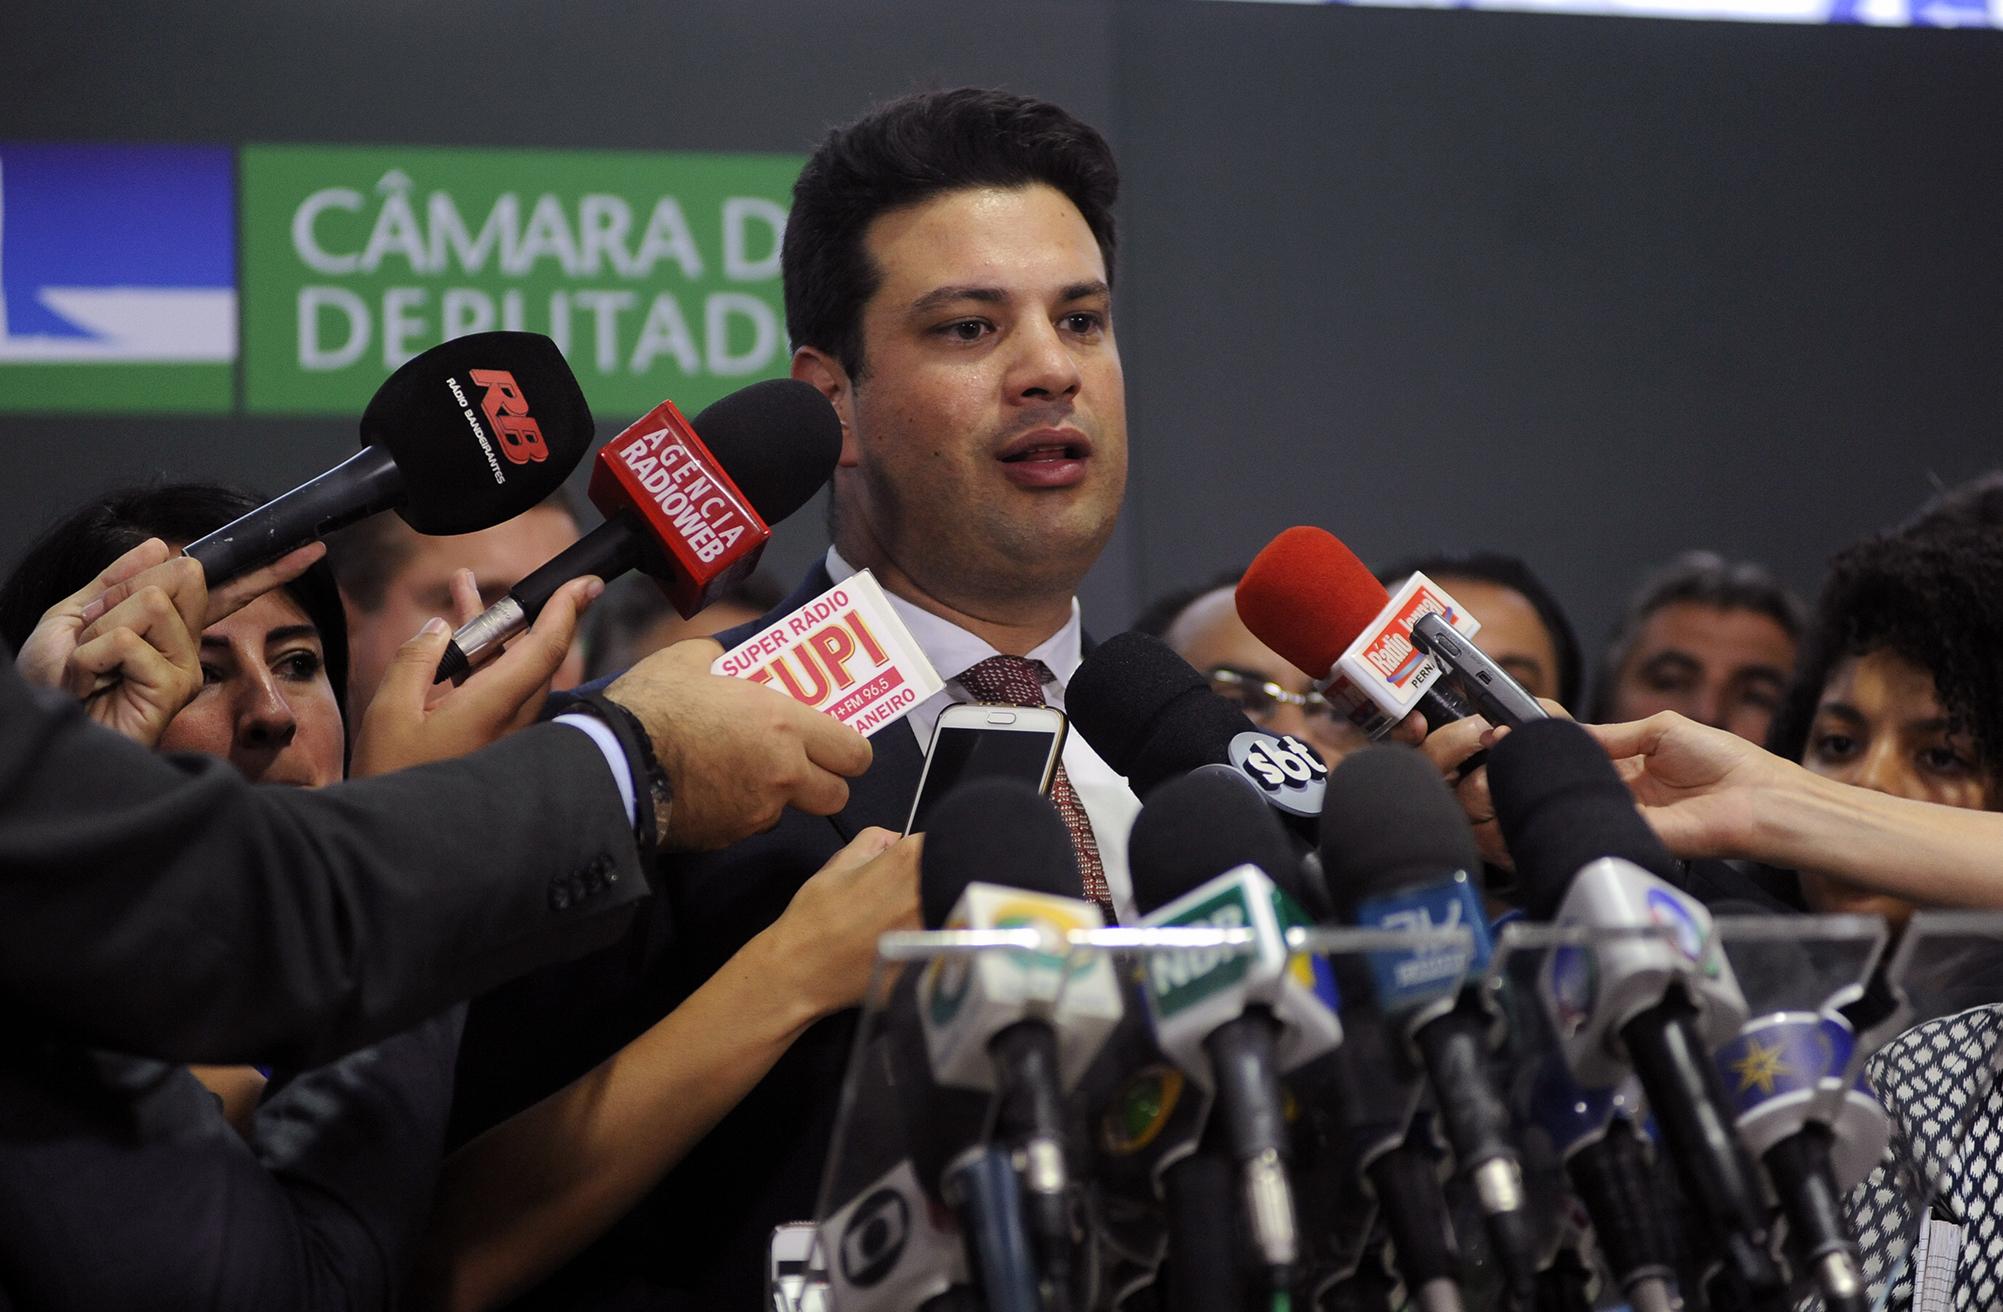 piccianinova - Picciani indica Veneziano Vital para Vice-lider do PMDB em retribuição ao voto, diz Lauro Jardim